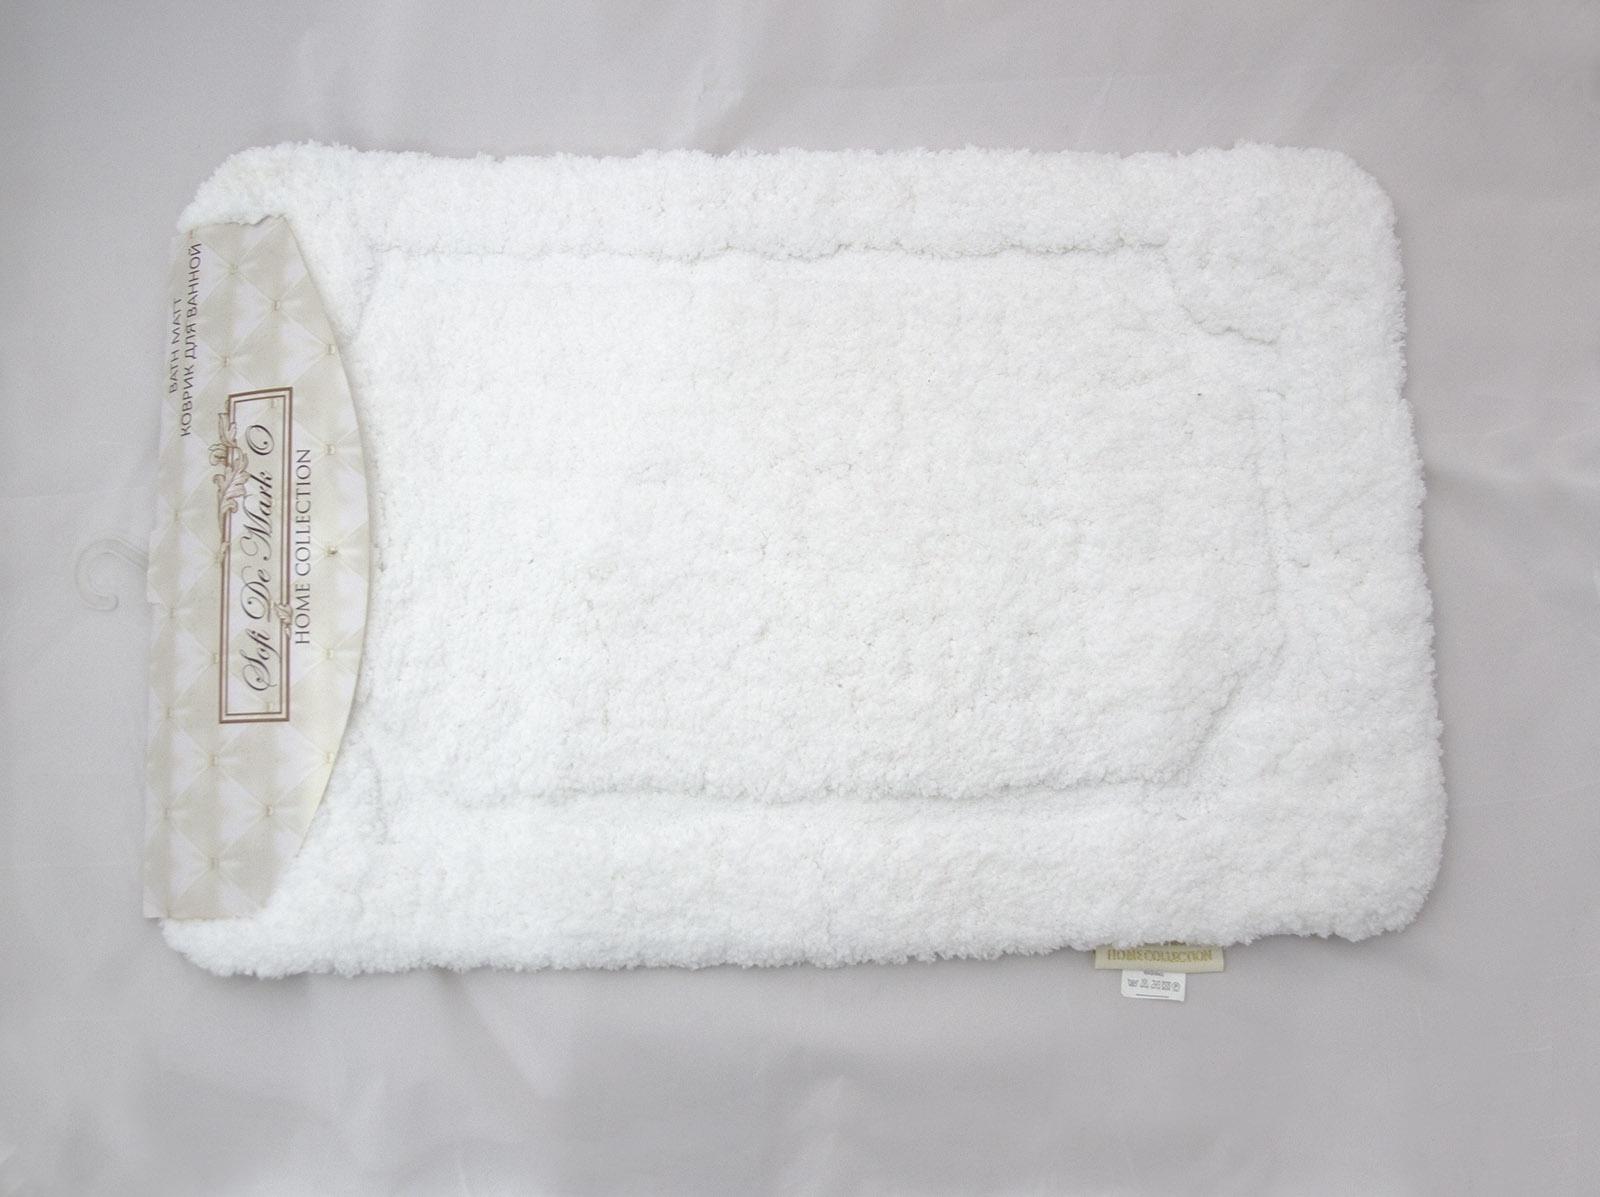 Коврик для ванной Sofi de Marko, К-Э-бел-50х80, белый, 50х80 см